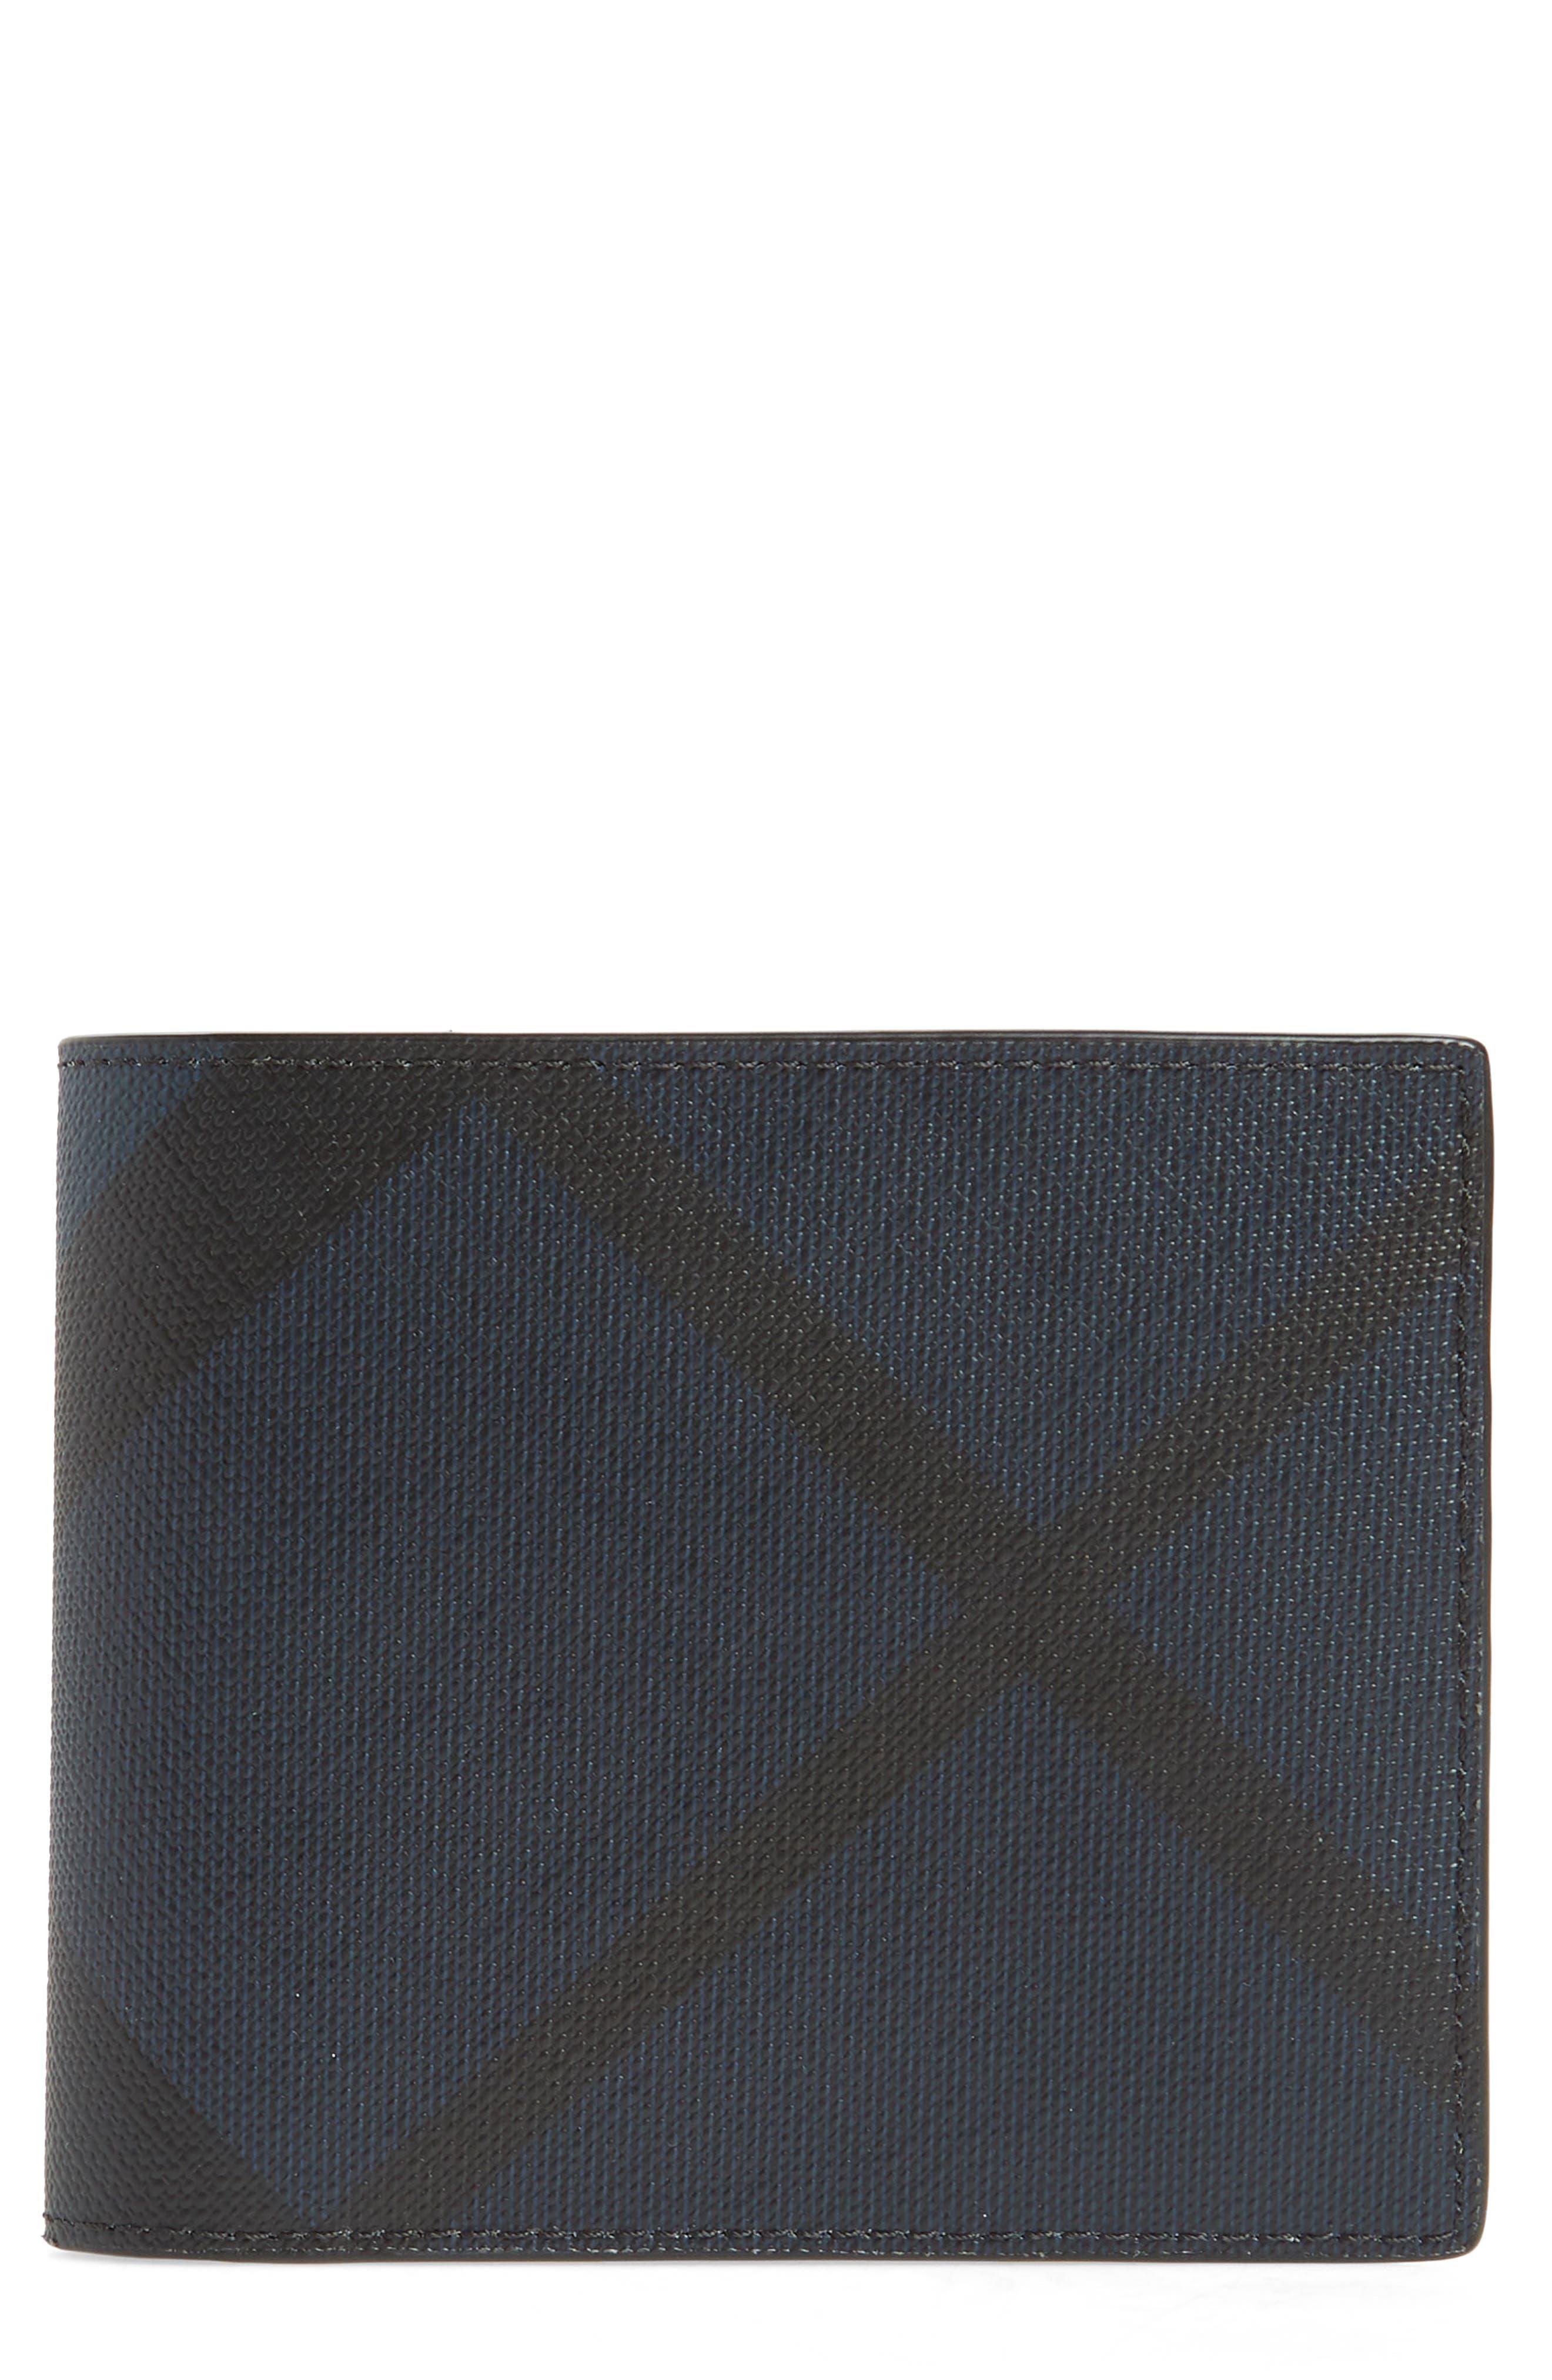 Ronan Check Billfold Wallet,                             Main thumbnail 1, color,                             Navy/ Black